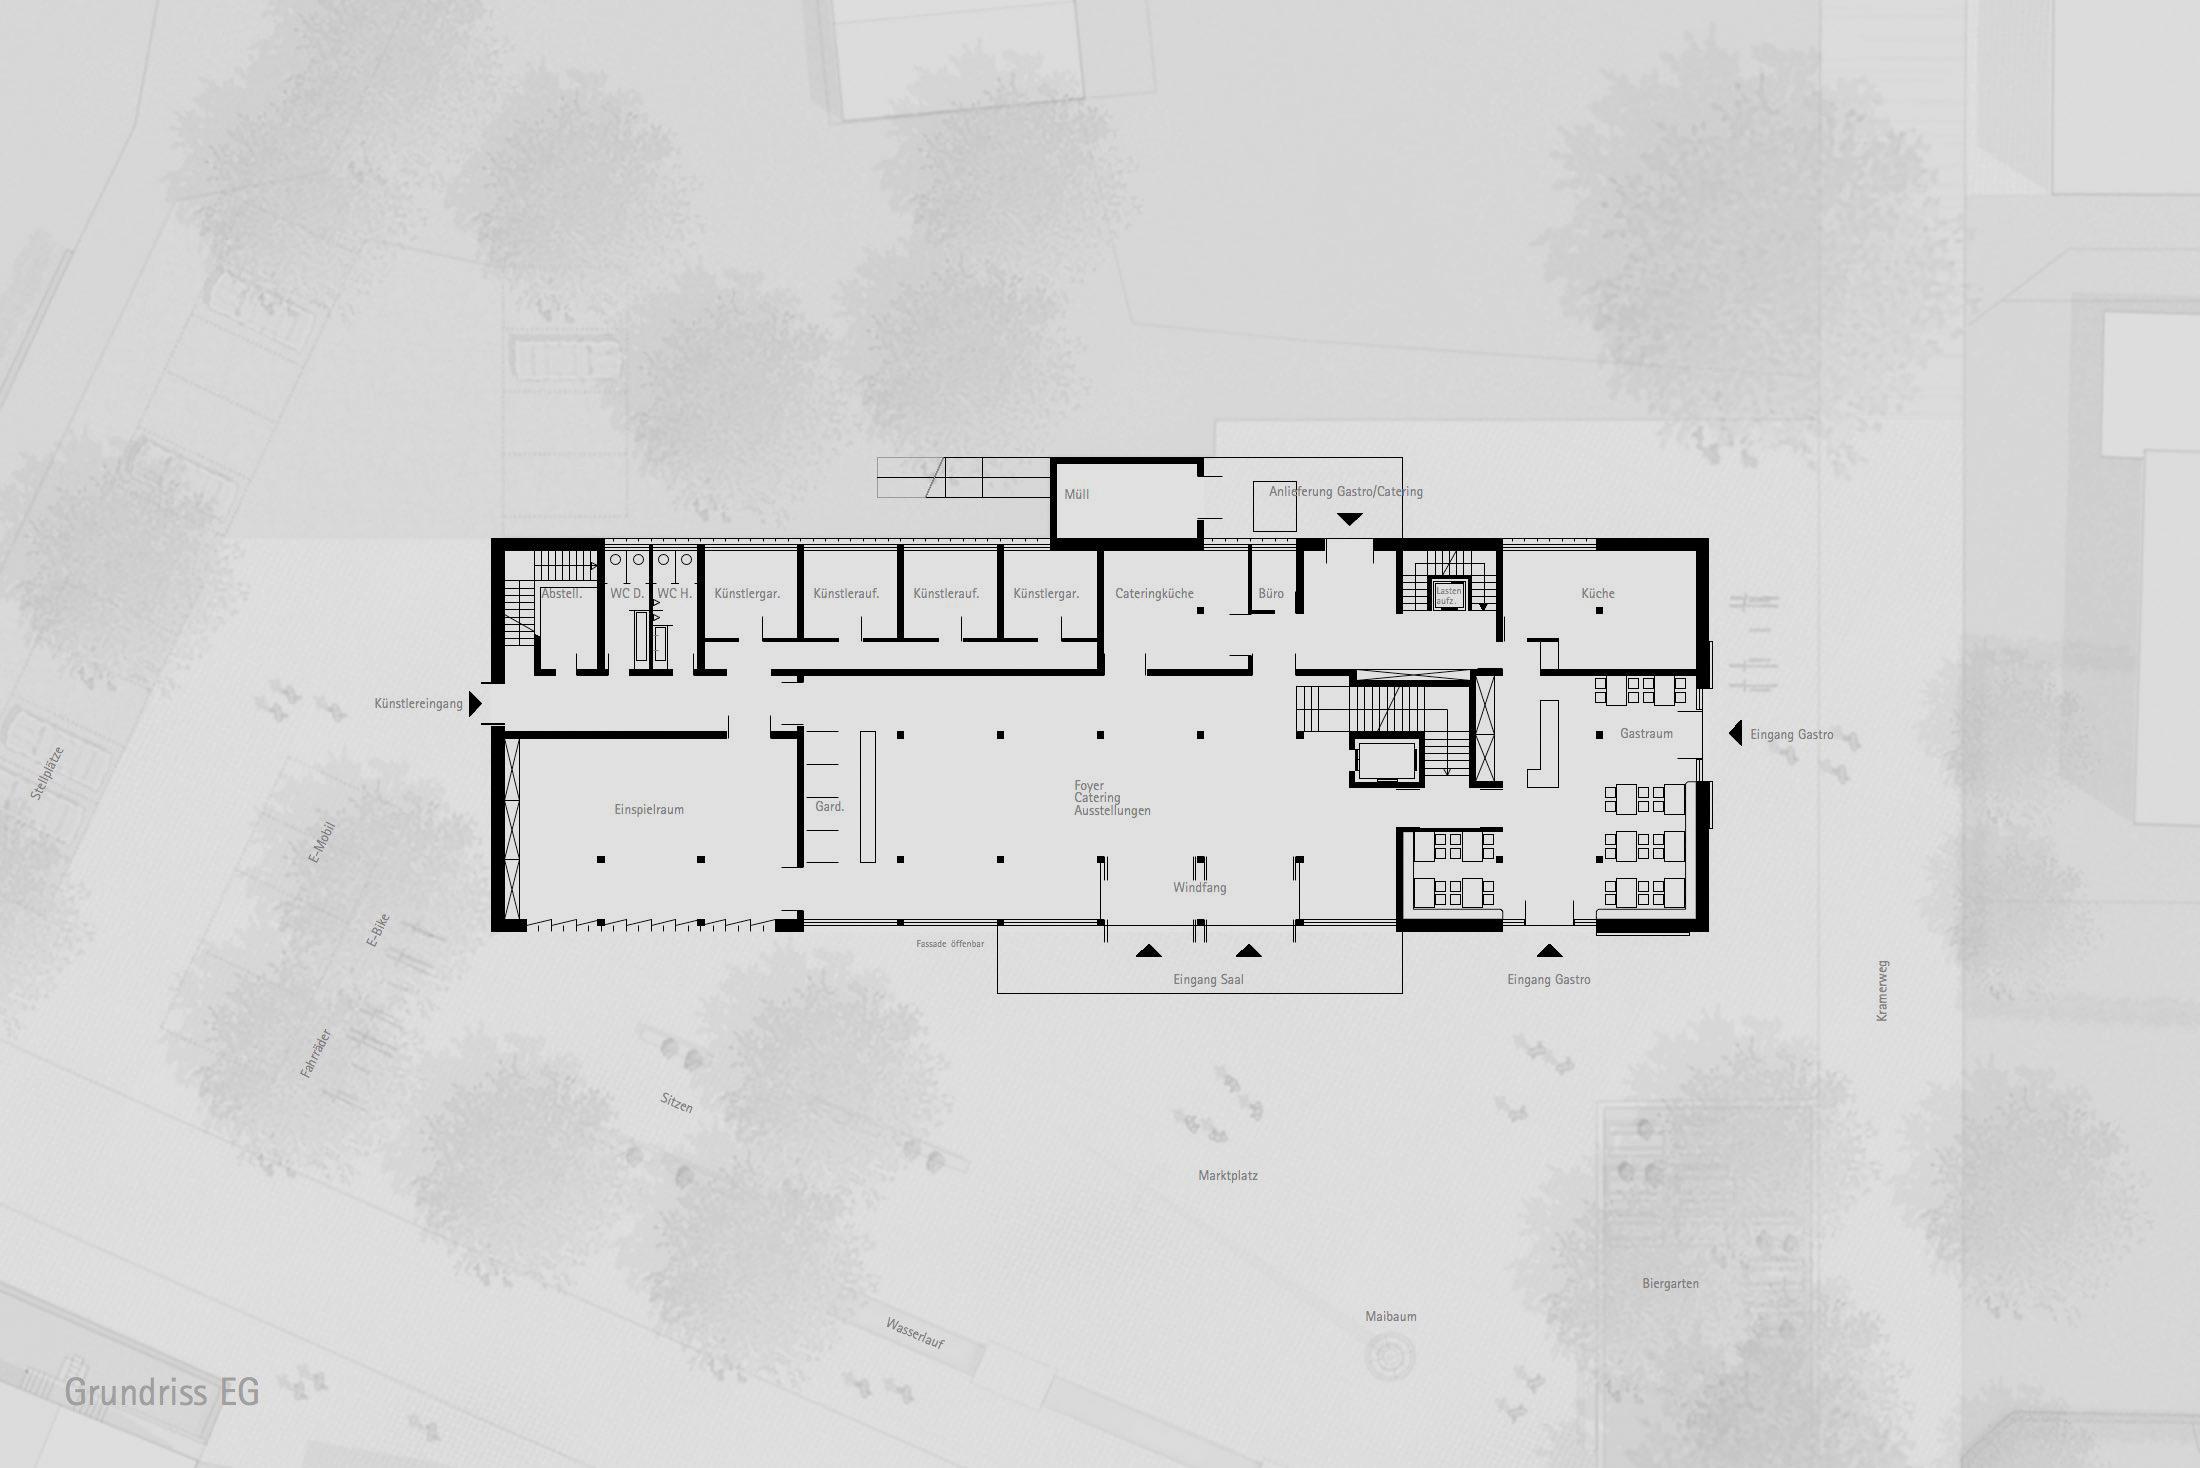 09 – Ortsmitte Wertach Grundriss